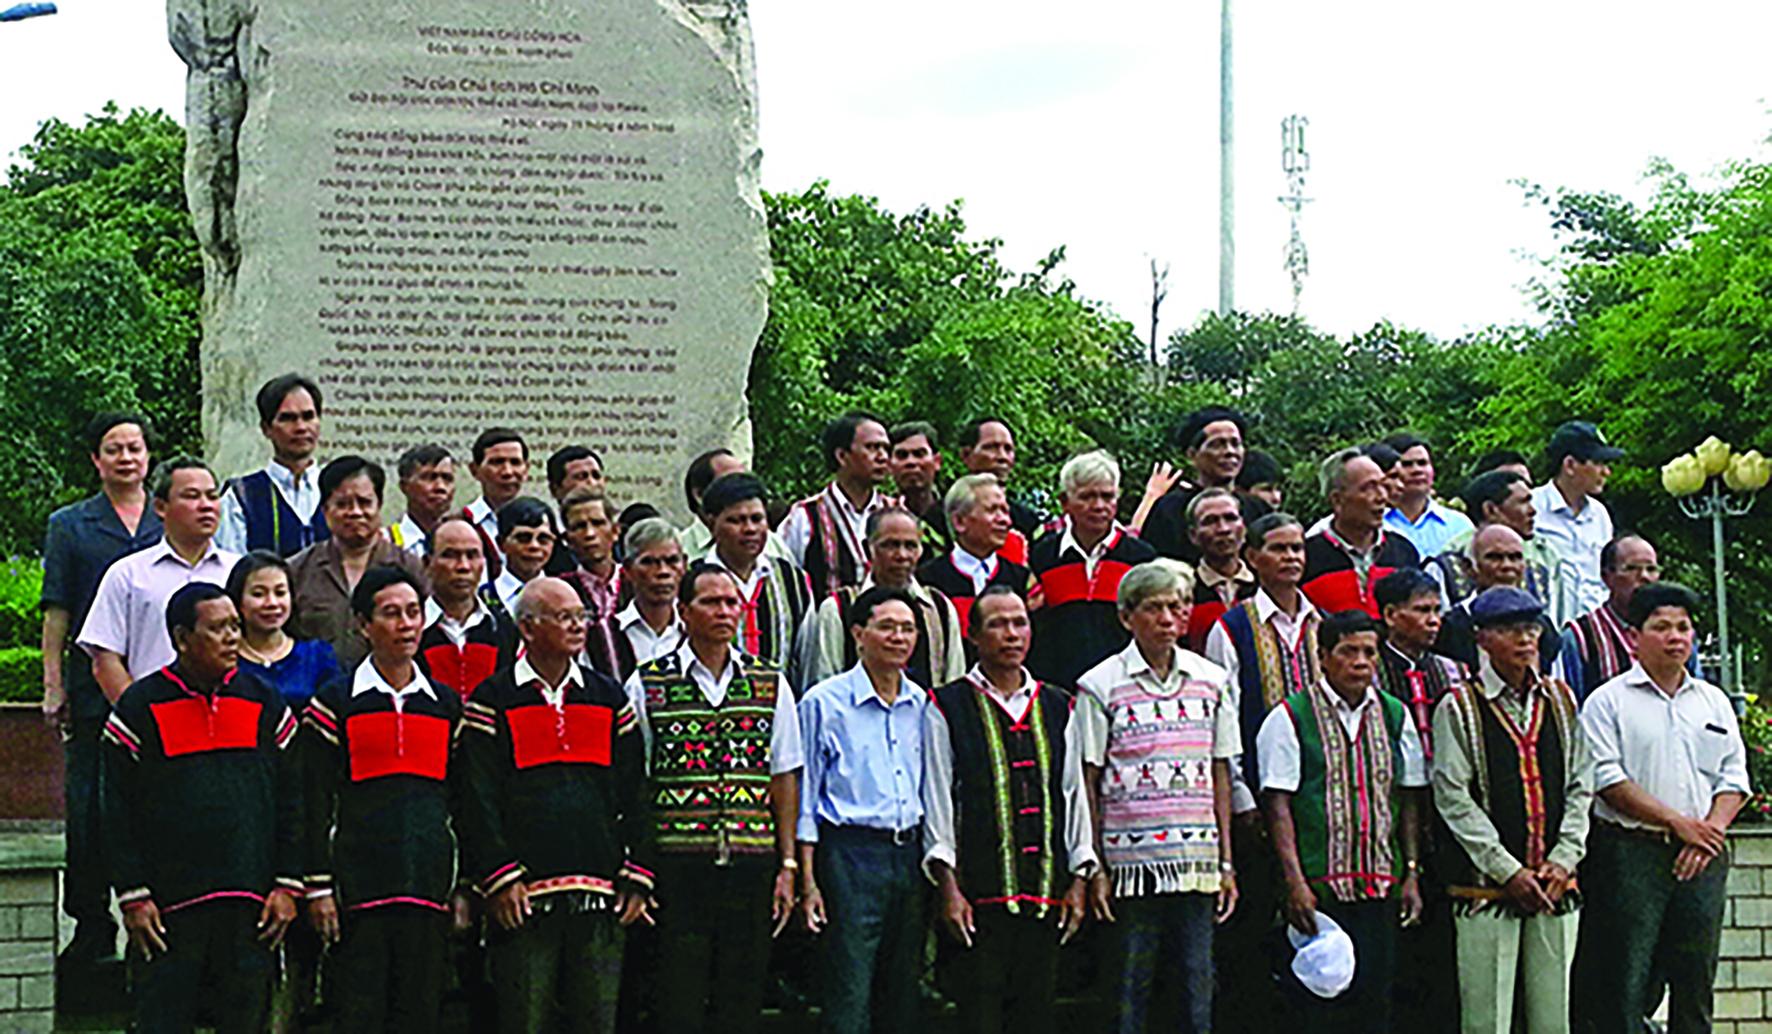 Hội nghị biểu dương người tiêu biểu dân tộc thiểu số khu vực Tây Nguyên. (Ảnh chụp tháng 8/2016). Ảnh: Mạnh Quang